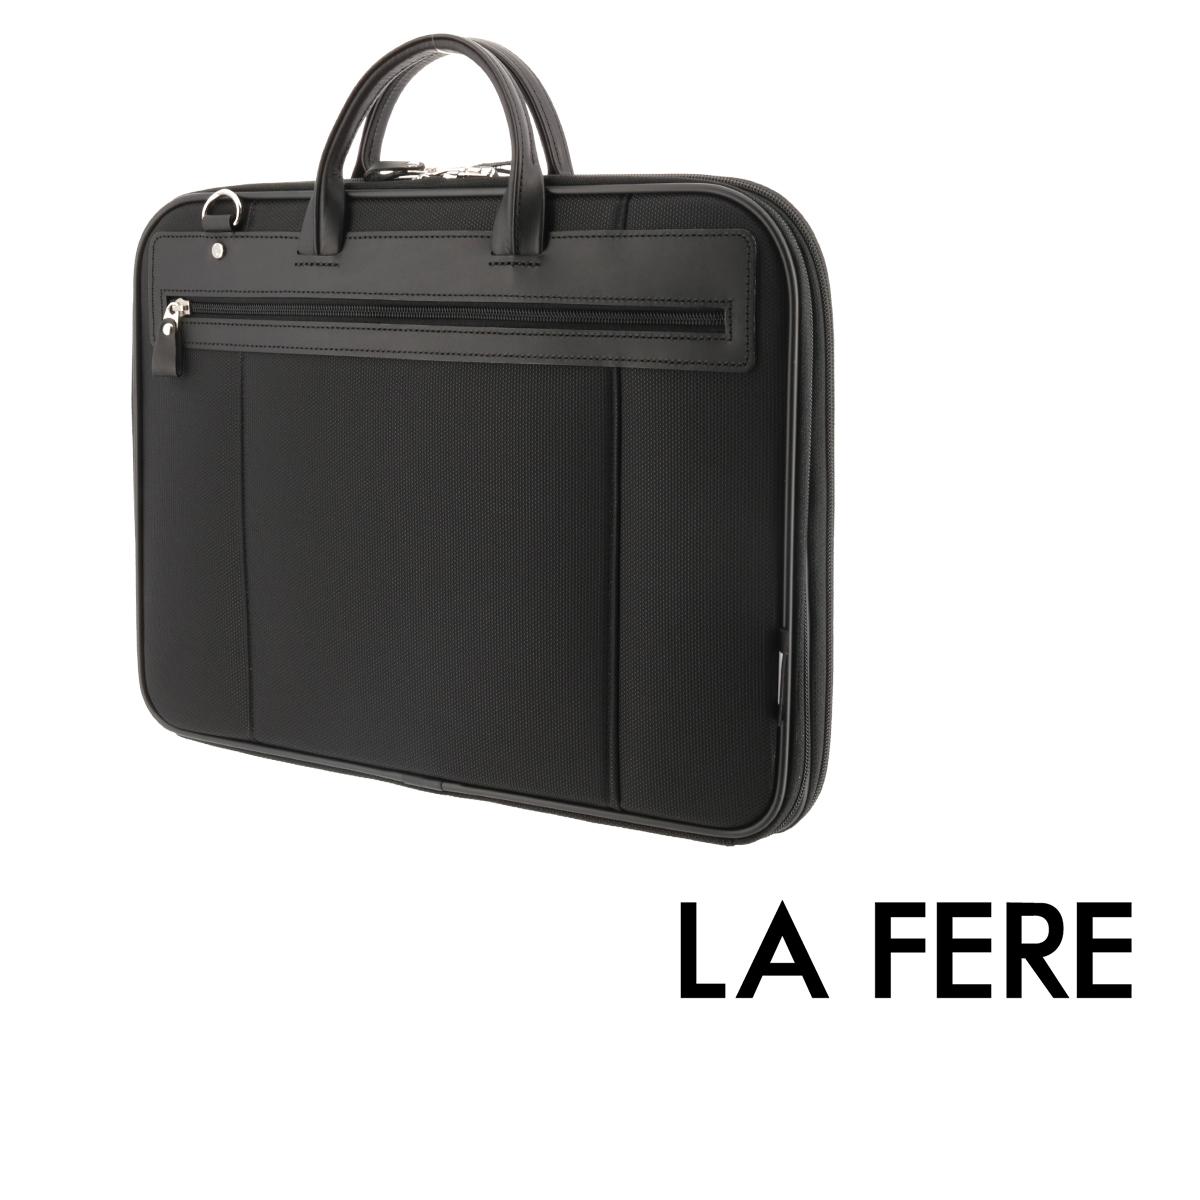 青木鞄 ラフェール ブリーフケース オプス 6718 | LA FERE ビジネスバッグ メンズ 日本製 ナイロン[PO10][bef]